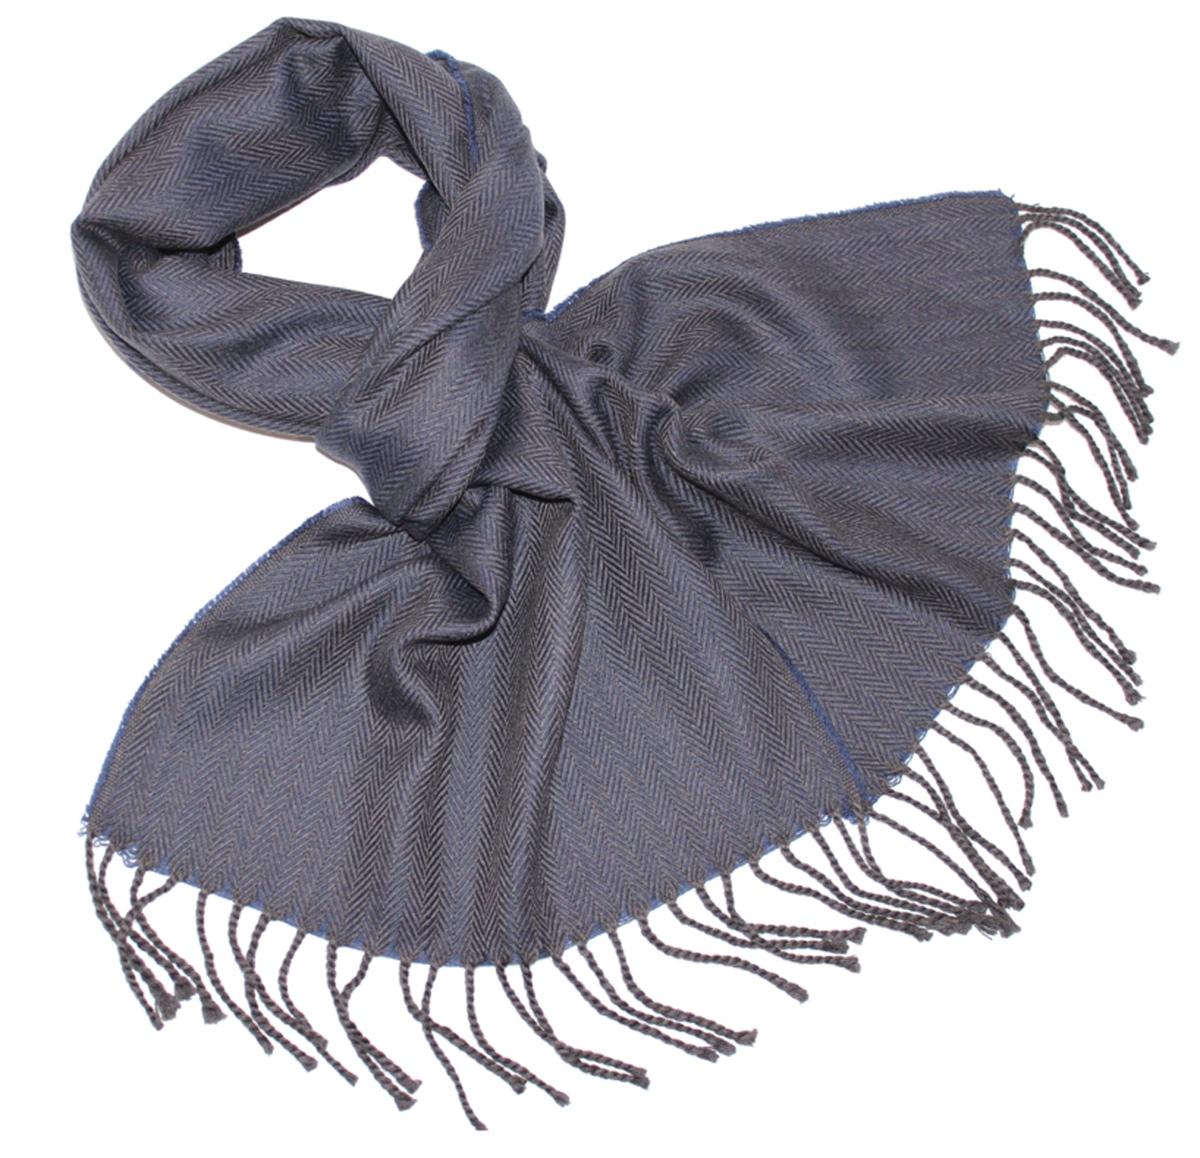 Шарф мужской Ethnica, цвет: темно-серый, синий. 122510a. Размер 35 см х 180 см122510aМужской шарф Ethnica, изготовленный из 100% шерсти, подчеркнет вашу индивидуальность. Благодаря своему составу, он легкий, мягкий и приятный на ощупь. Изделие выполнено в строгом дизайне, дополнено орнаментом и кисточками.Такой аксессуар станет стильным дополнением к вашему гардеробу.